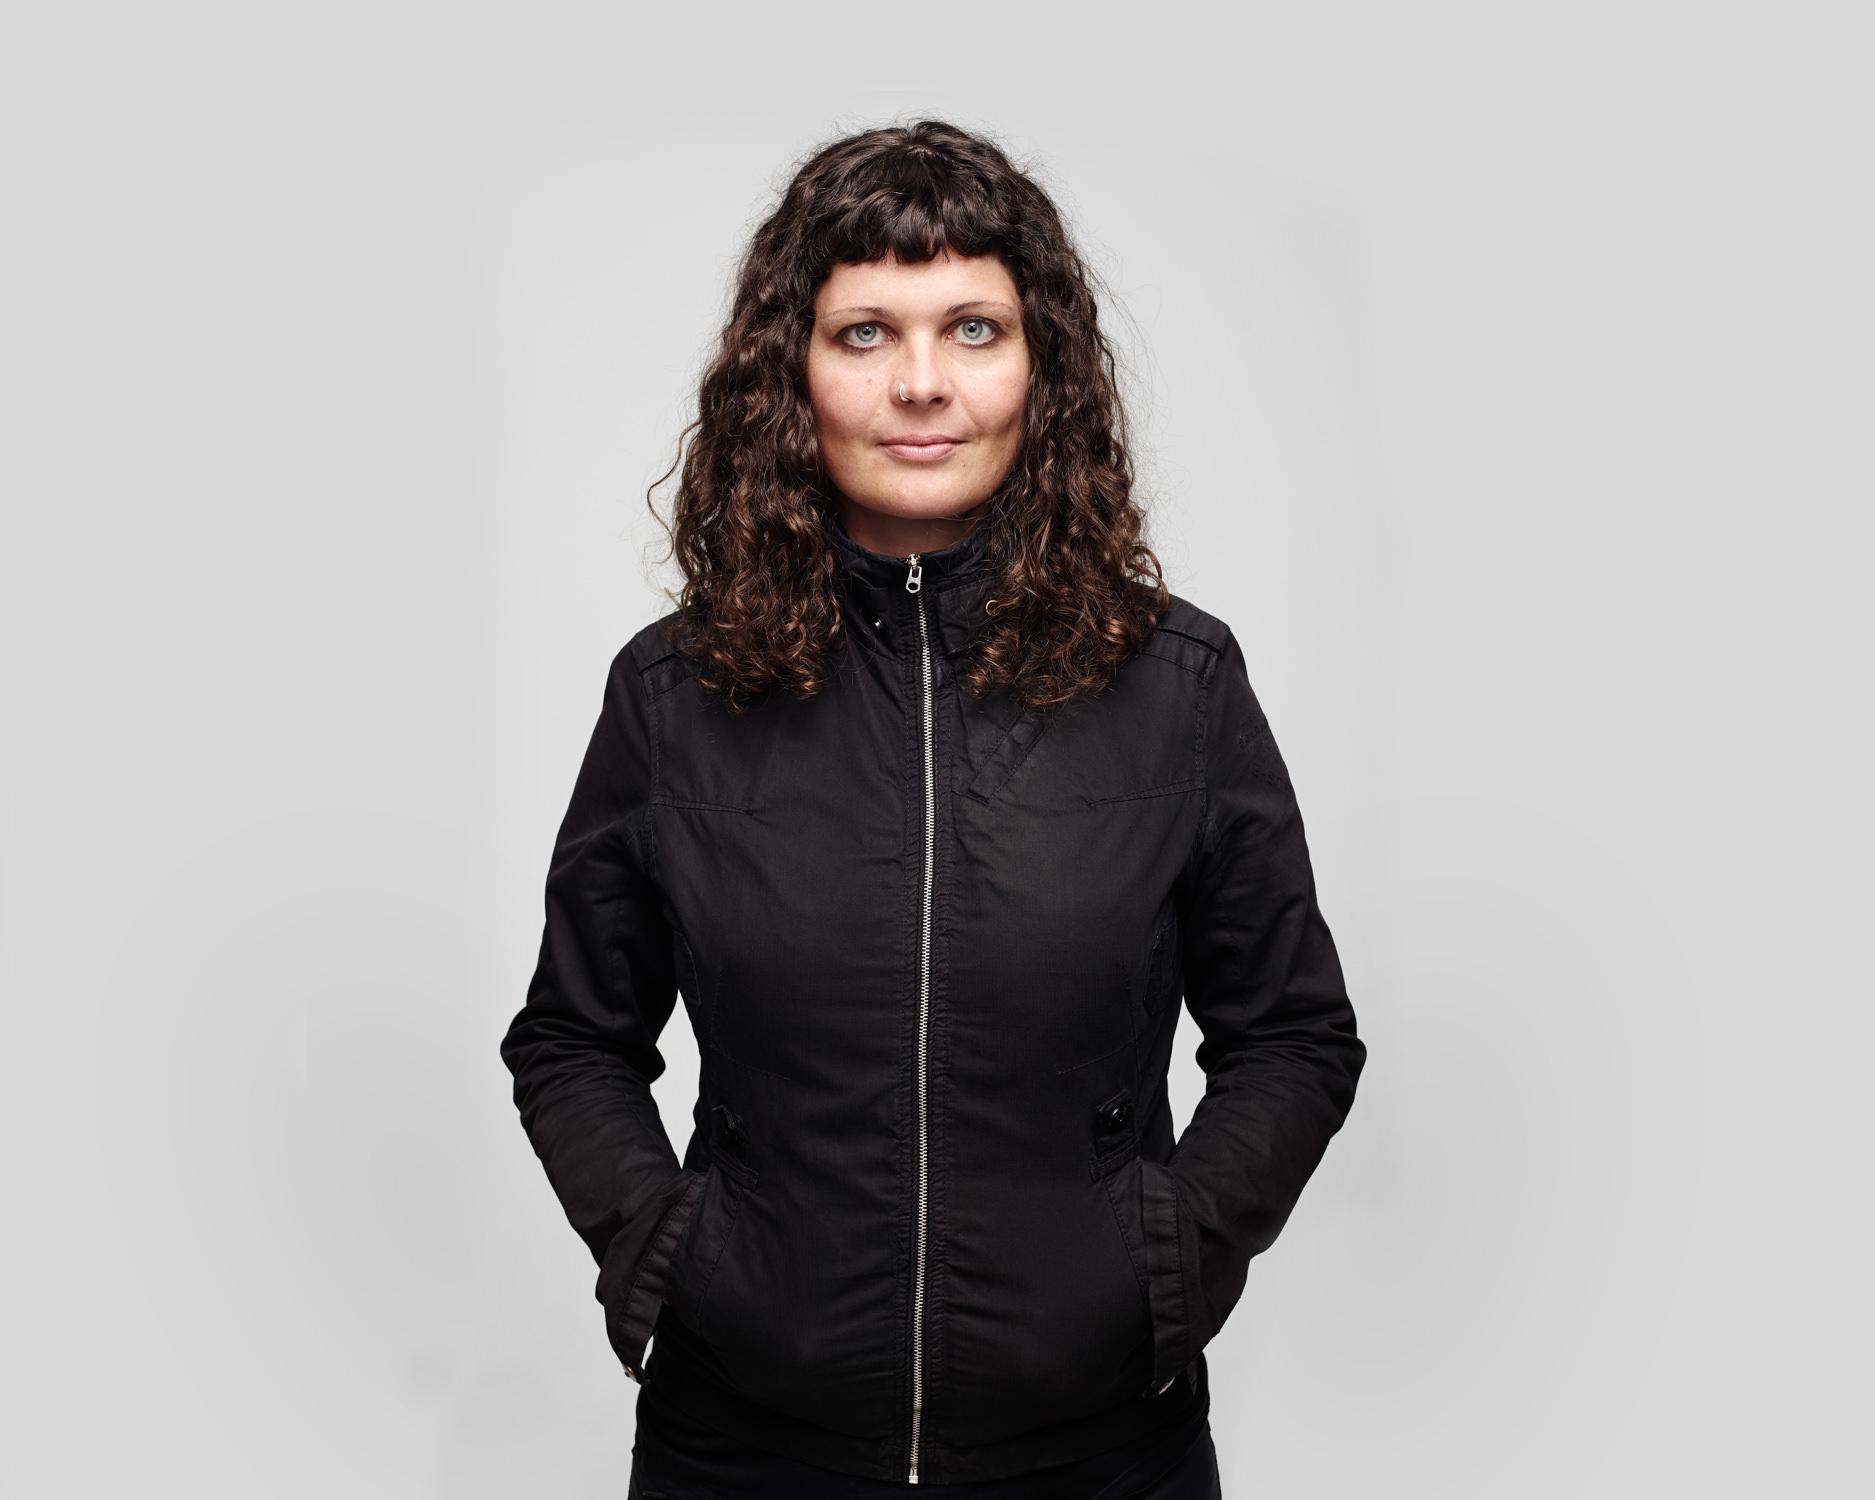 Frau locken Hände in Jackentasche grauer Hintergrund Jörn Strojny